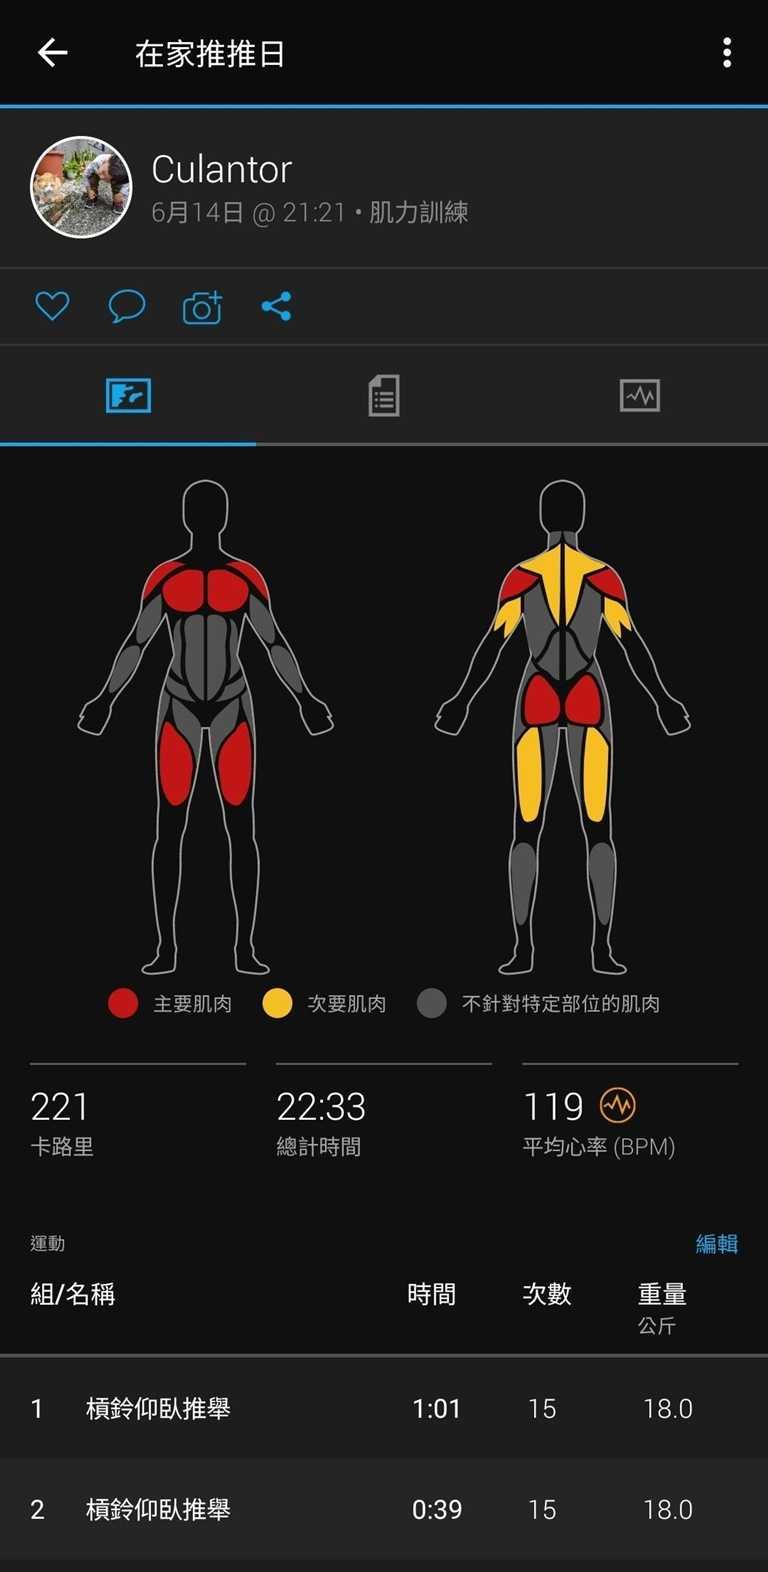 VENU 2進階健身訓練模式完整紀錄重訓組數、重量與該訓練所對應肌群,從APP上即可完整追蹤紀錄個人訓練。